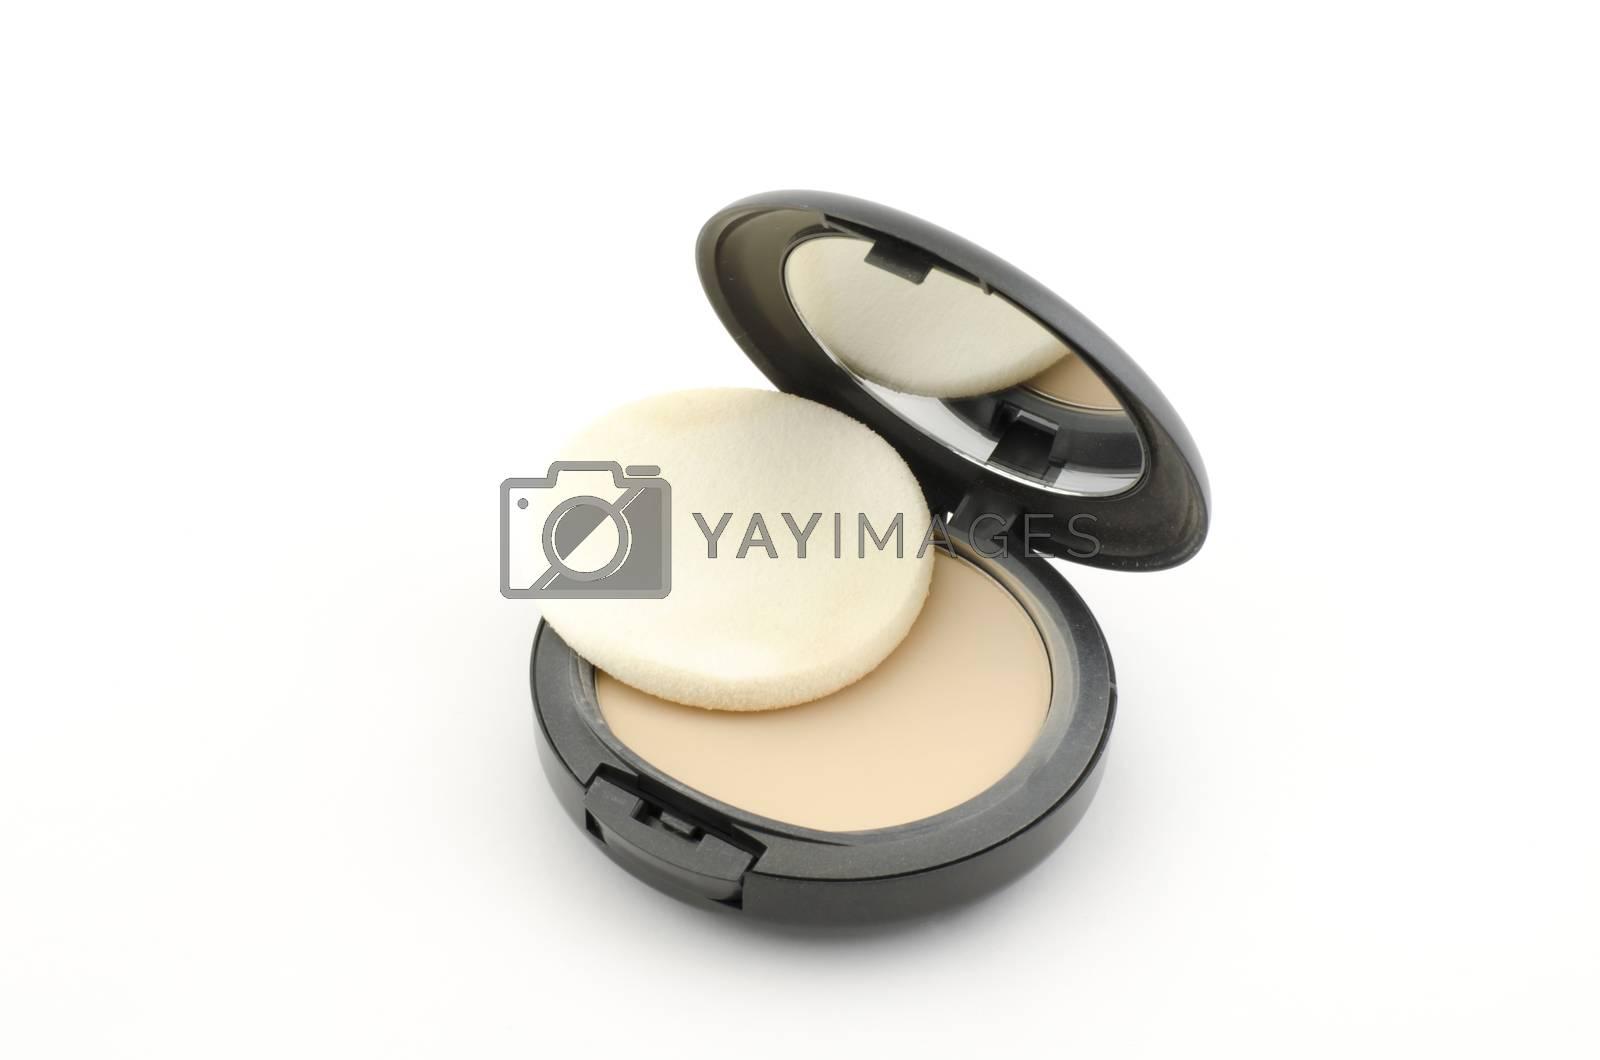 make up powder isolated on white background